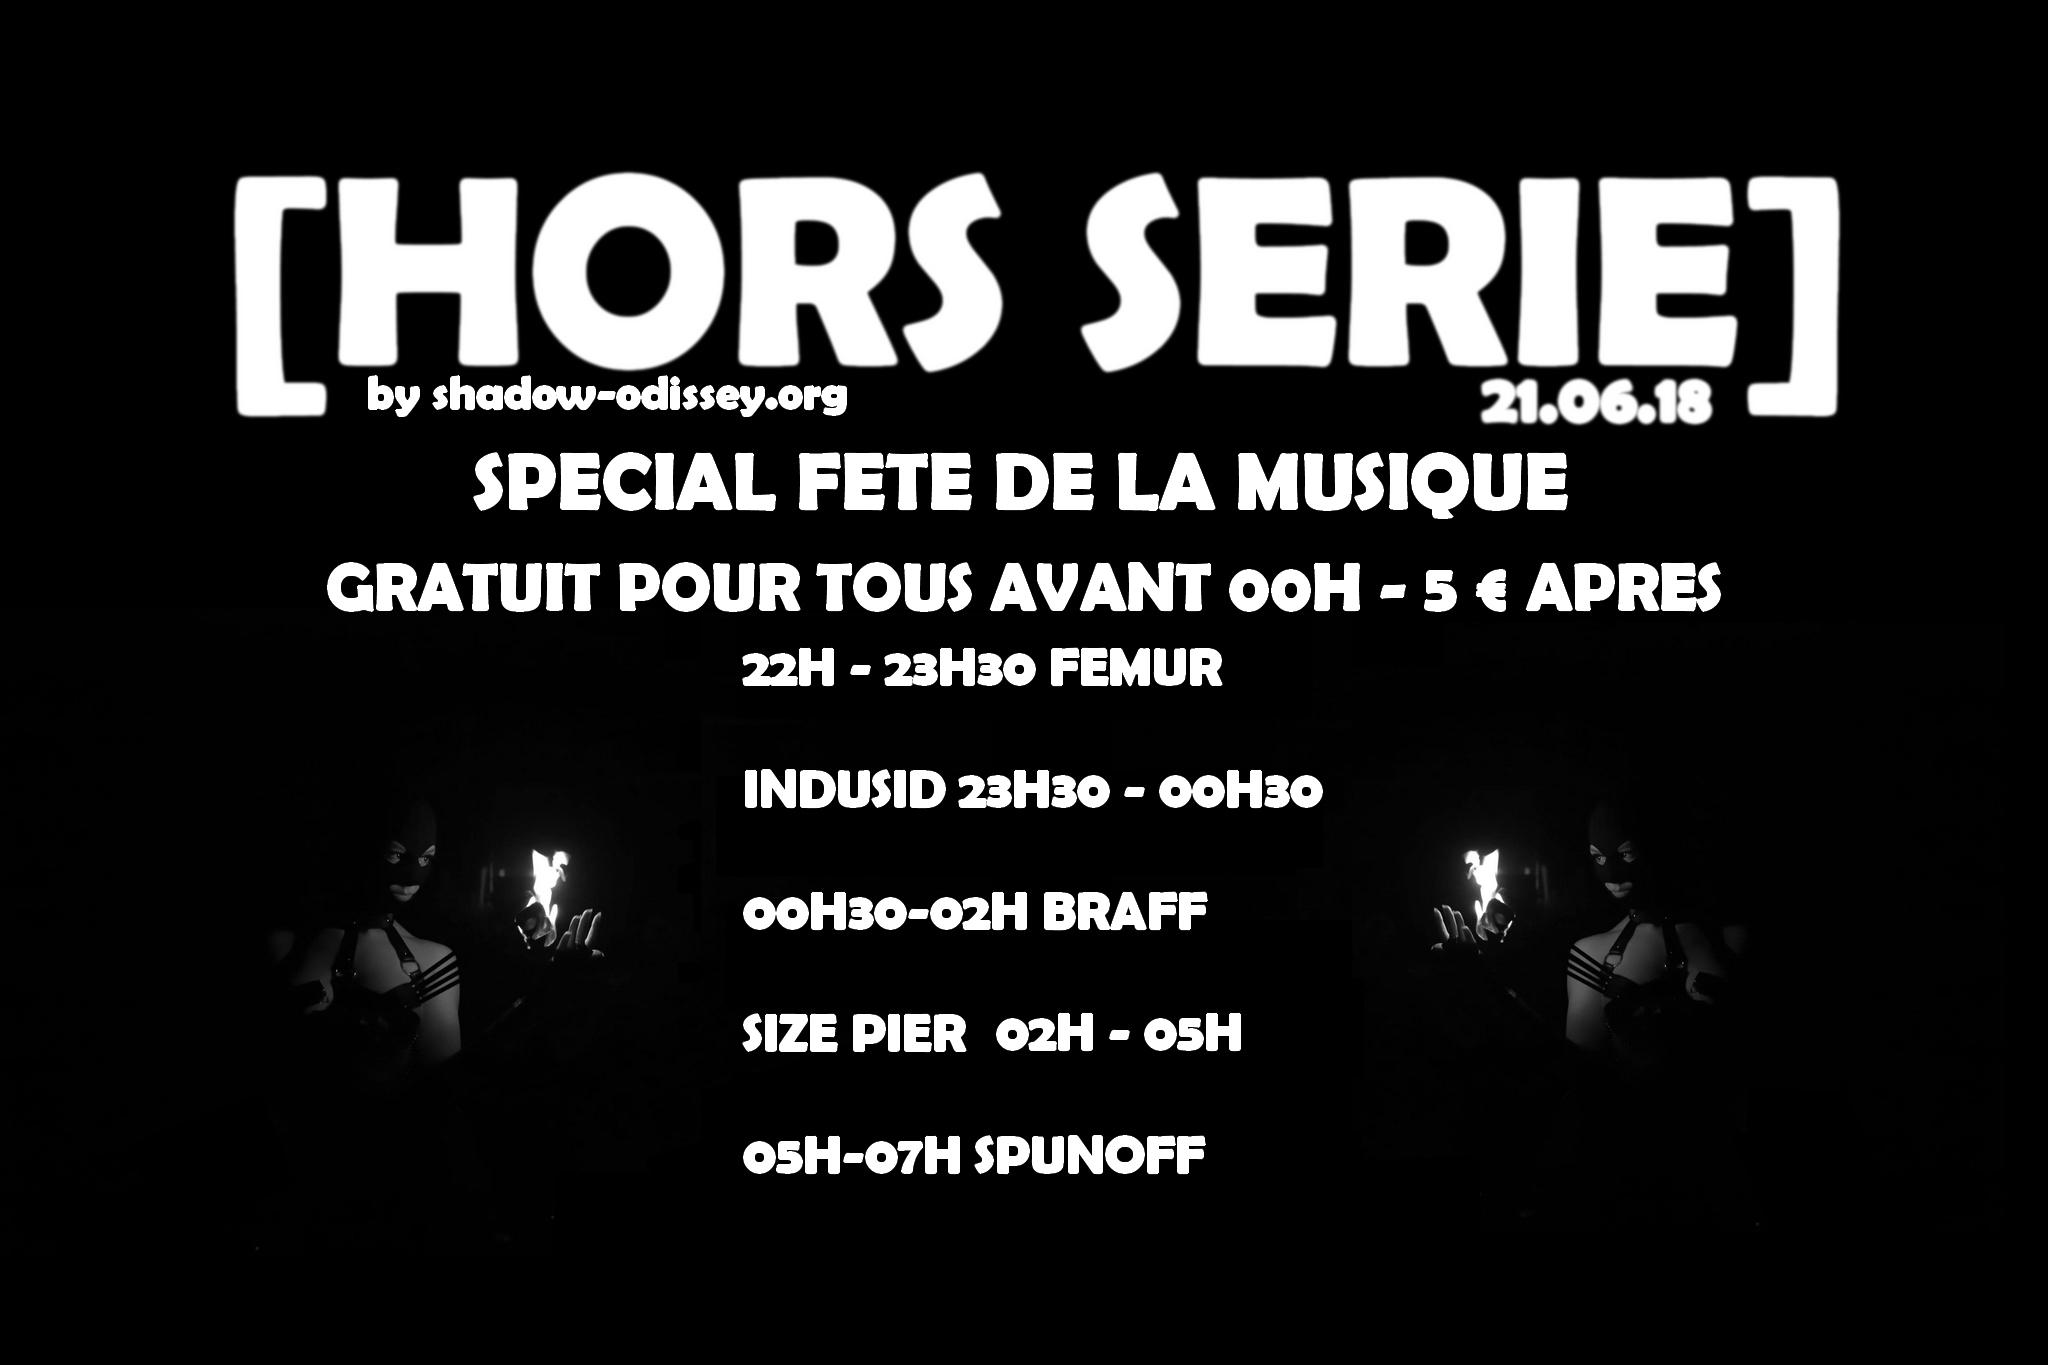 HORS SERIE : Fete de la musique / Gratuit avant 00 H / Warehouse